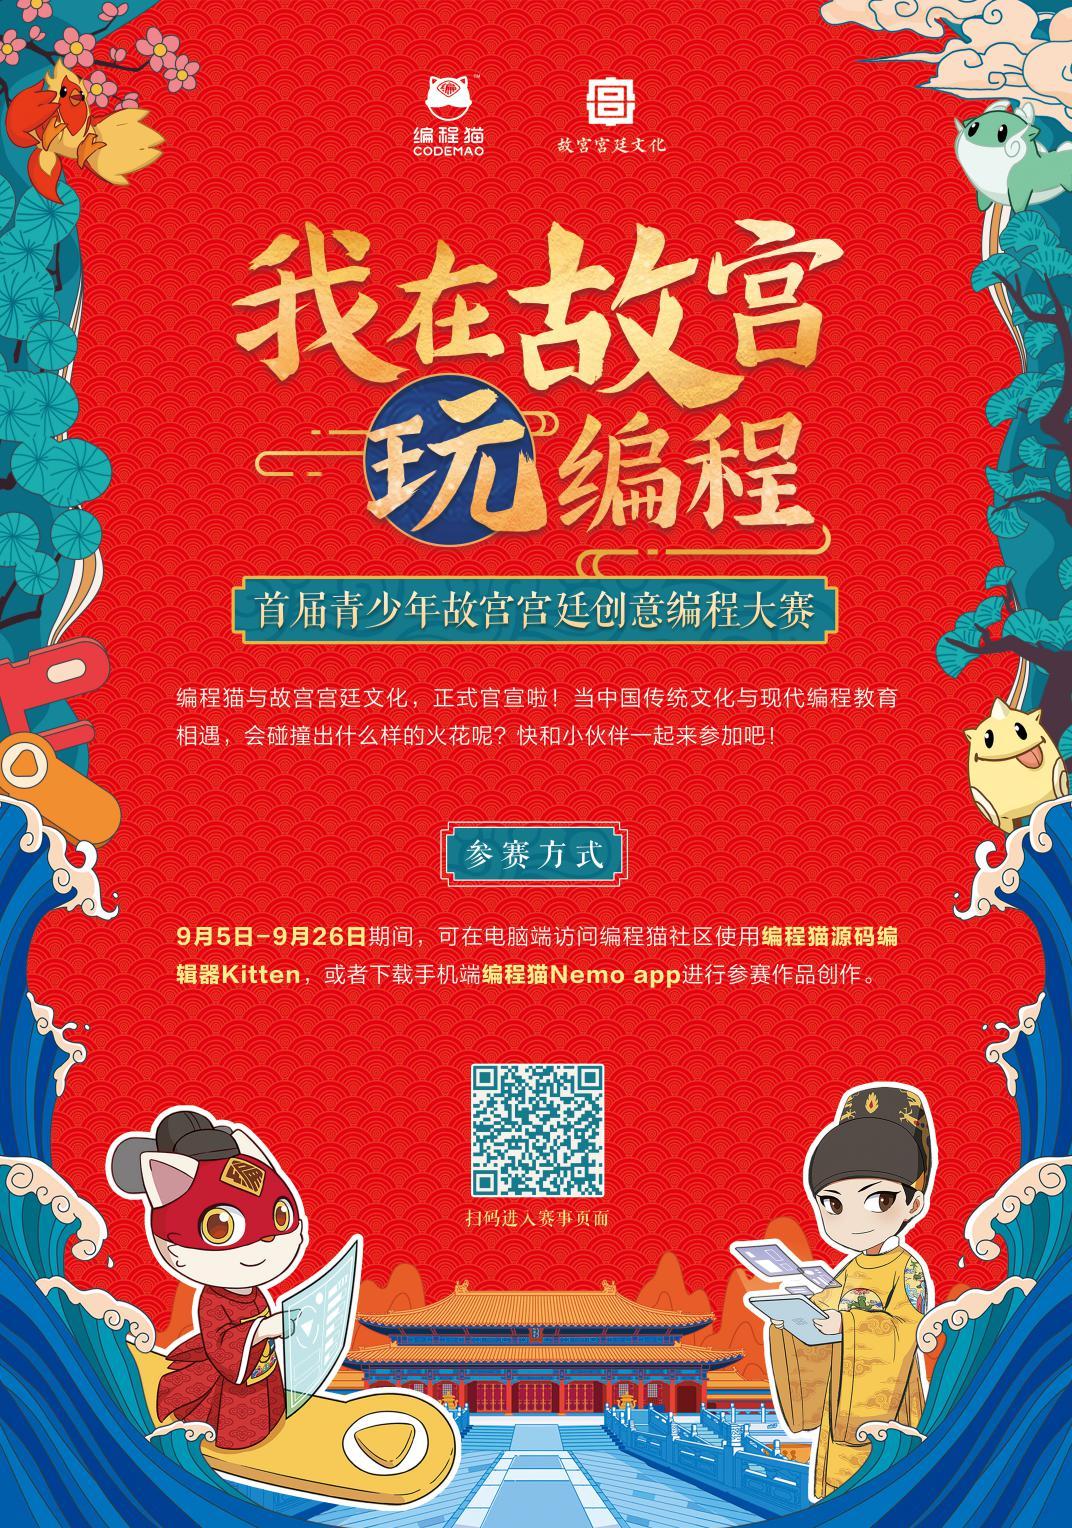 编程猫与故宫宫廷文化携手镌刻中国文化传承的科技烙印